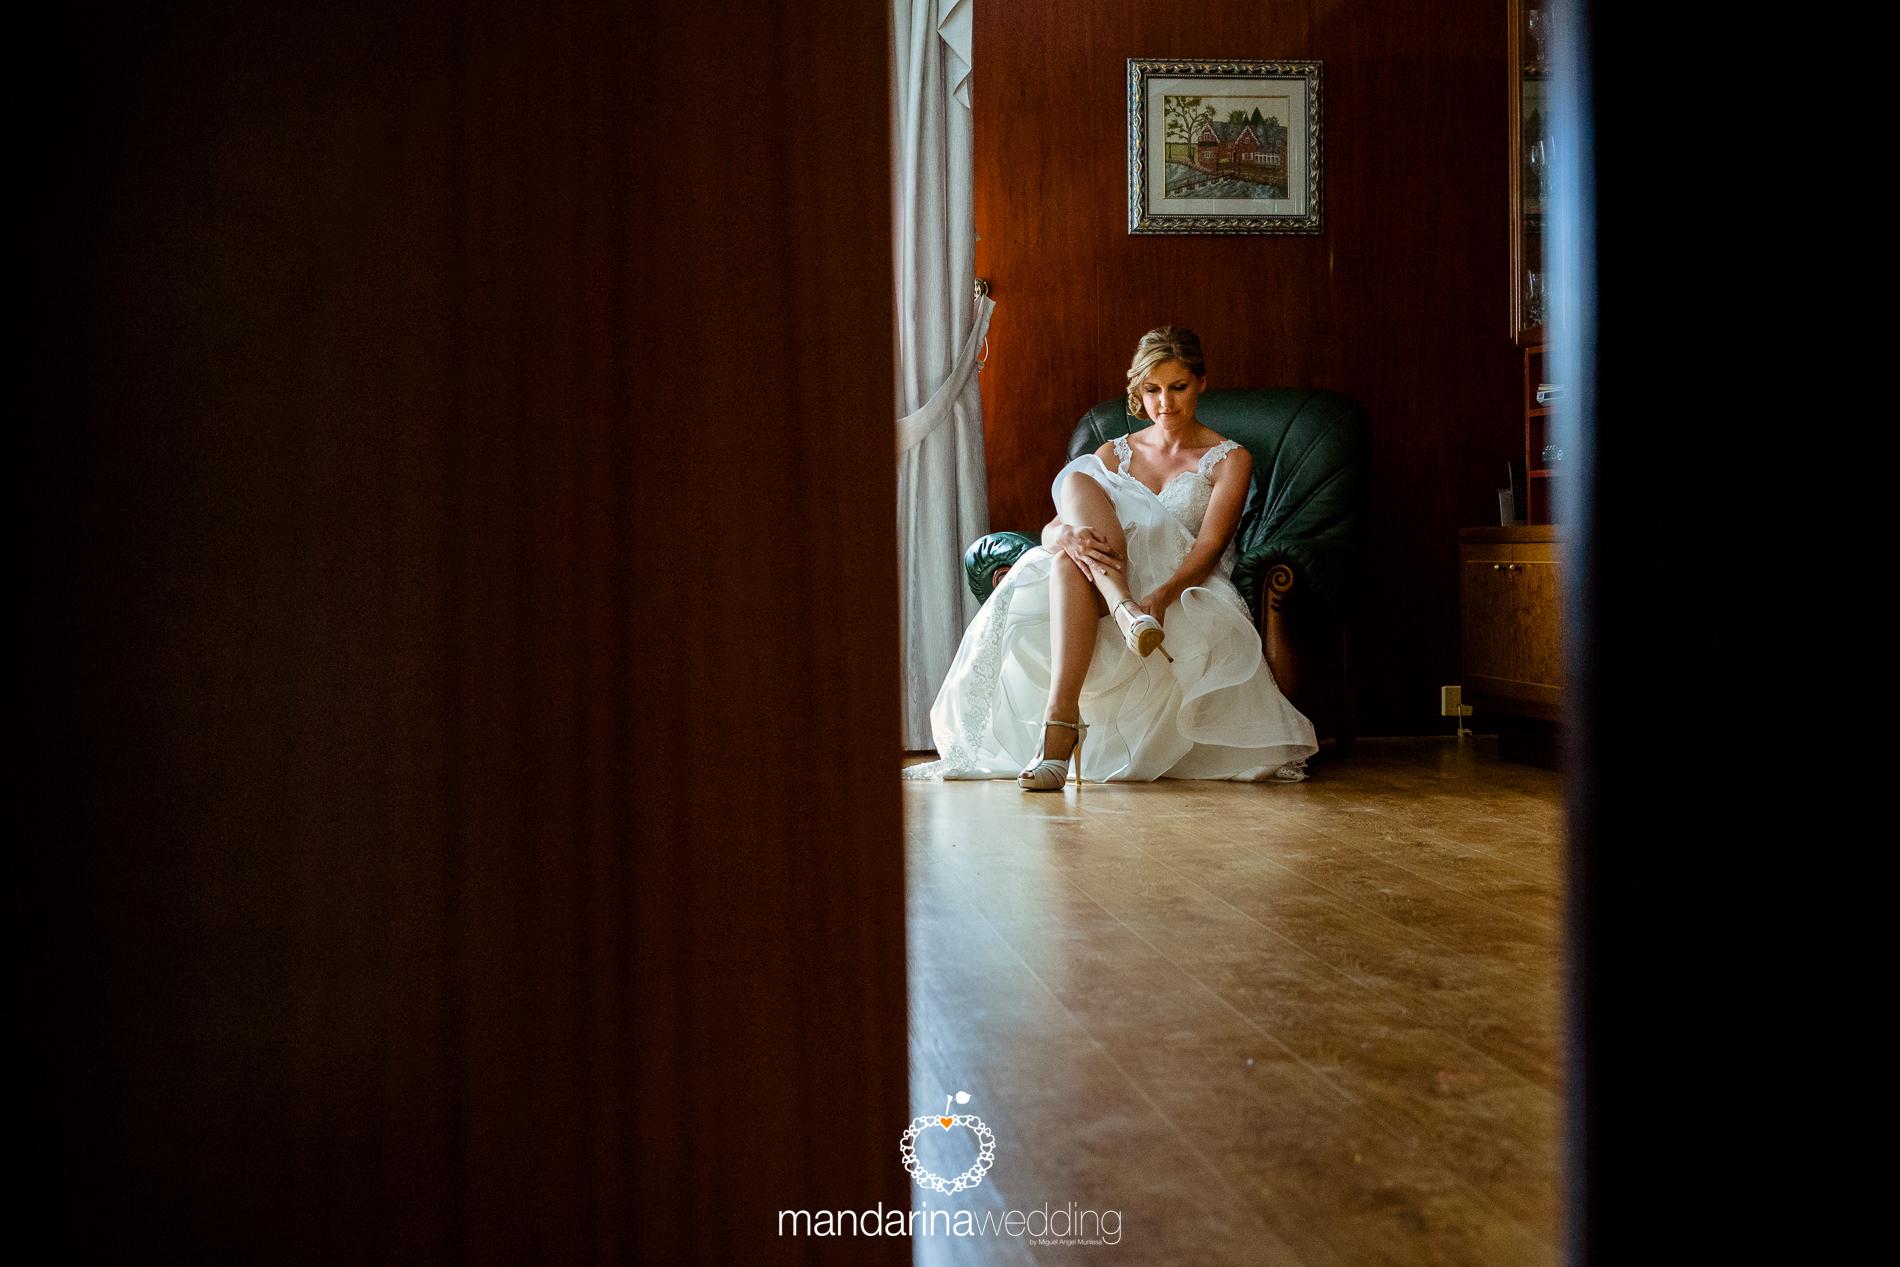 mandarina wedding_10